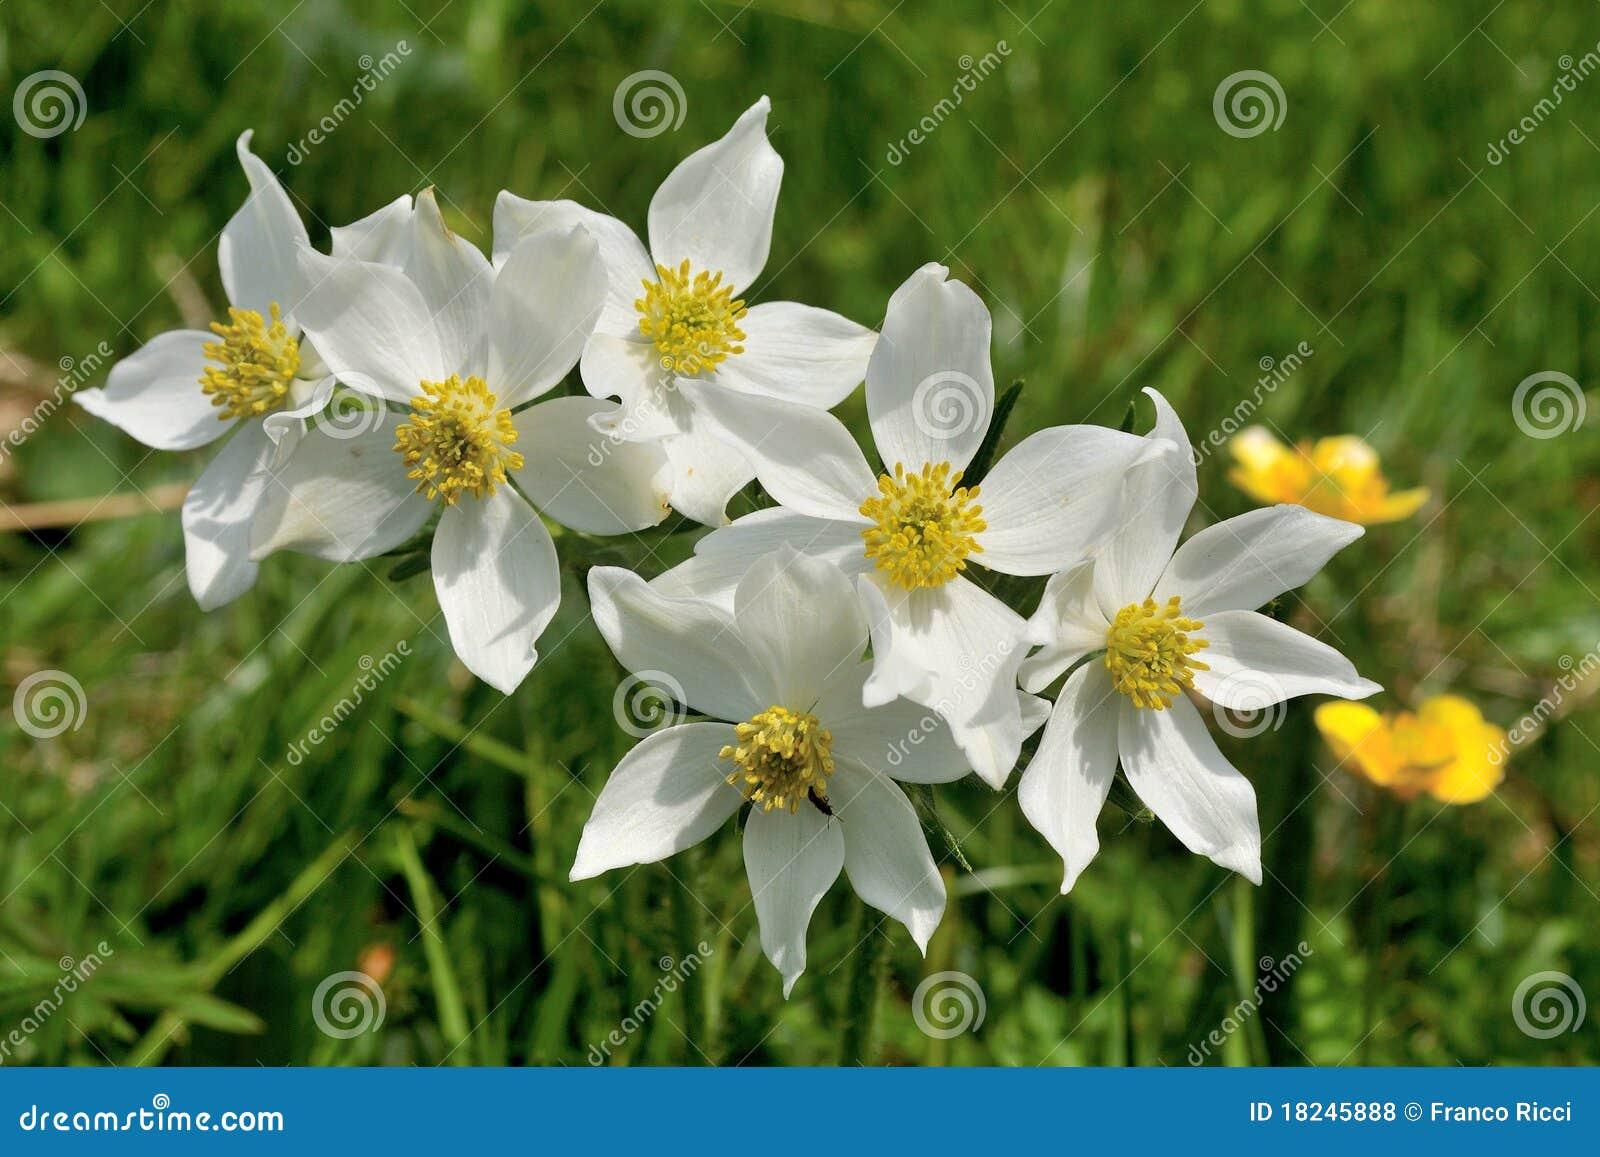 De Flores En La Montana: Flores Blancas Del Ranúnculo En La Montaña De Italia